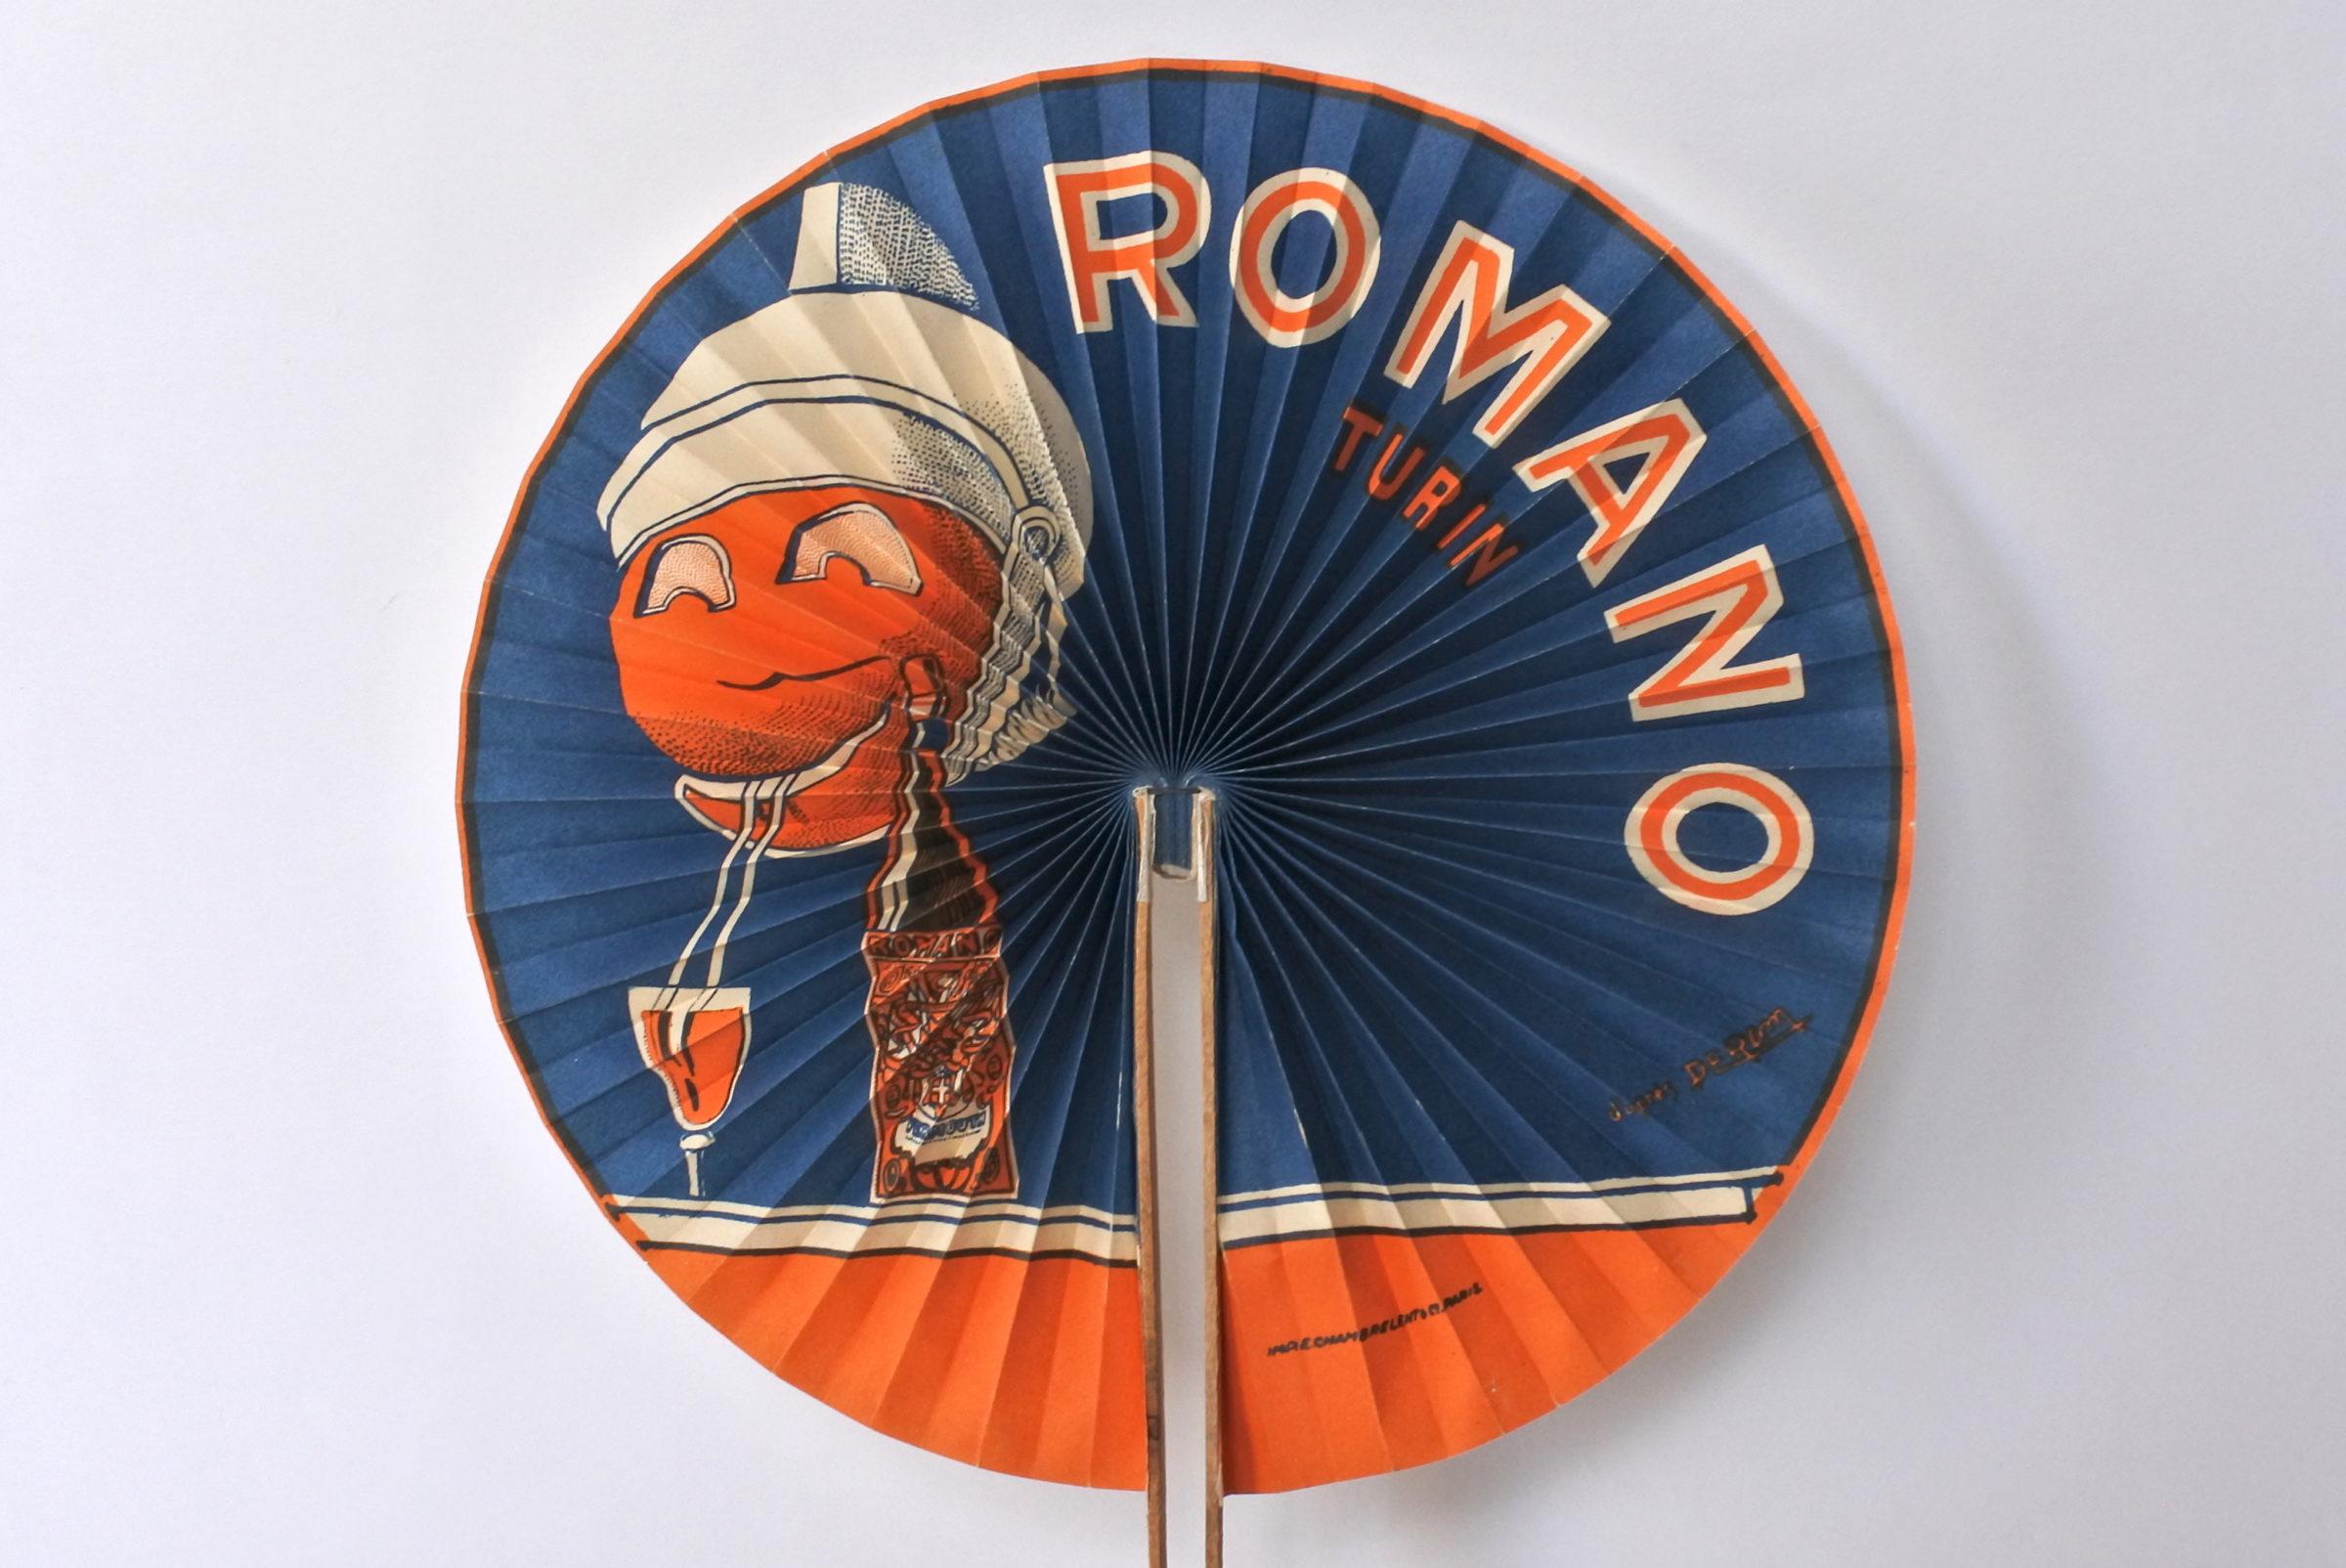 Ventaglio pubblicitario vermut Romano Turin - 3